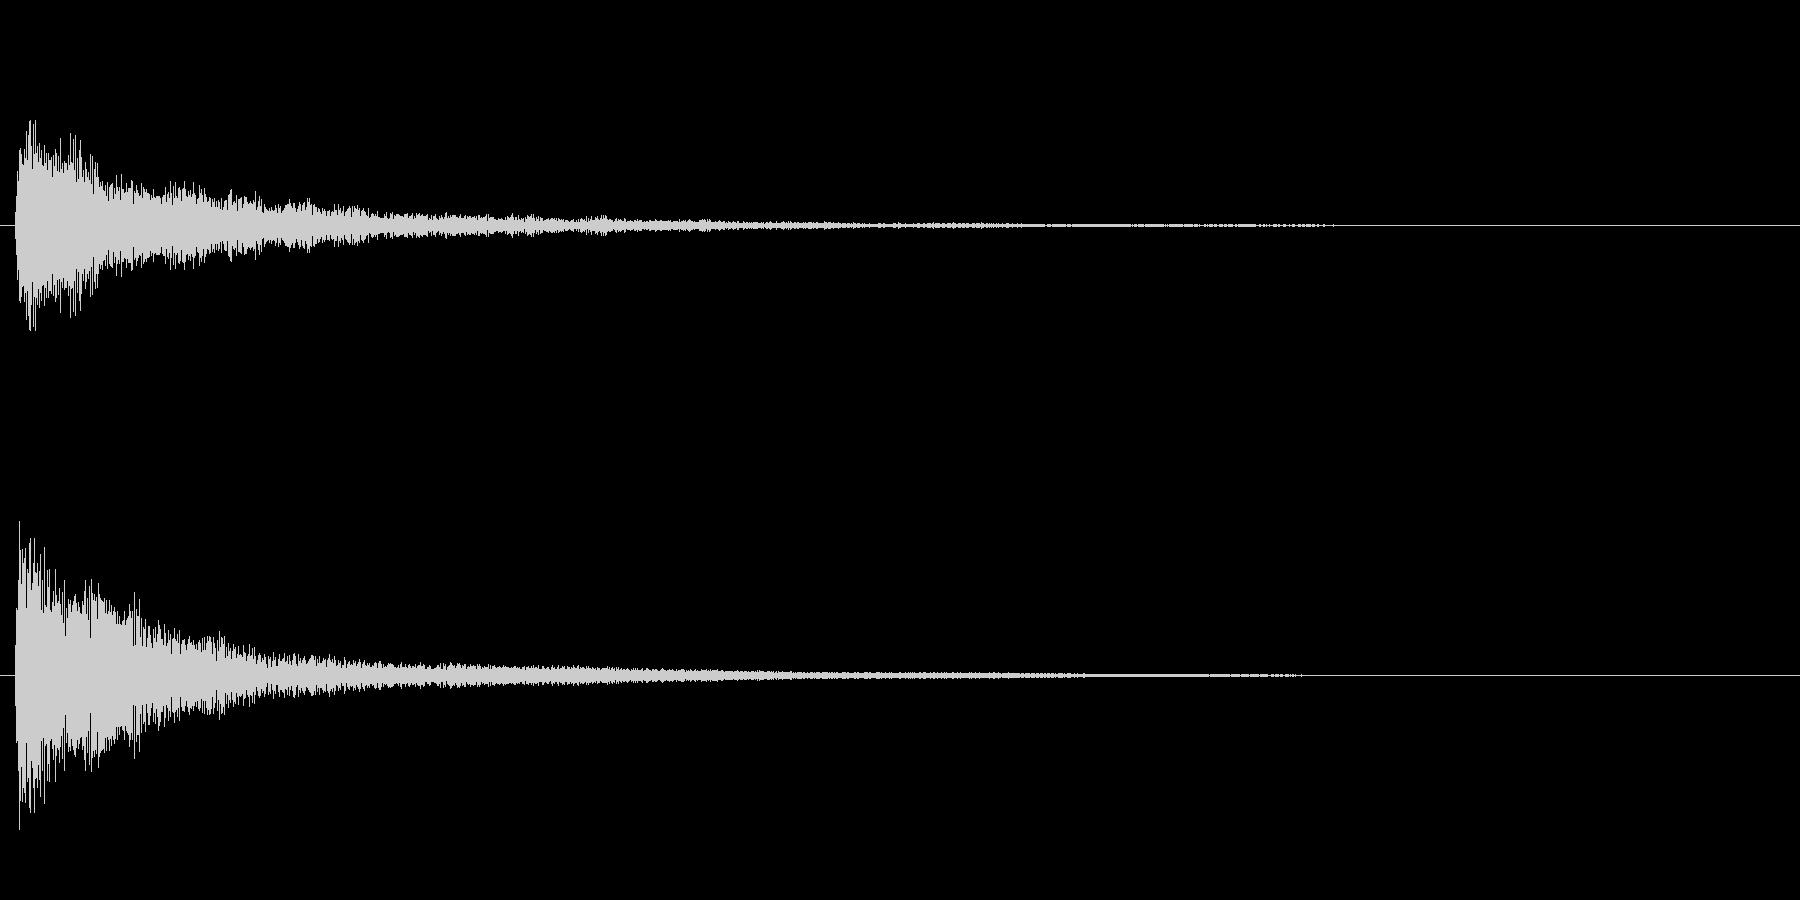 ピアノのワンショット効果音02の未再生の波形